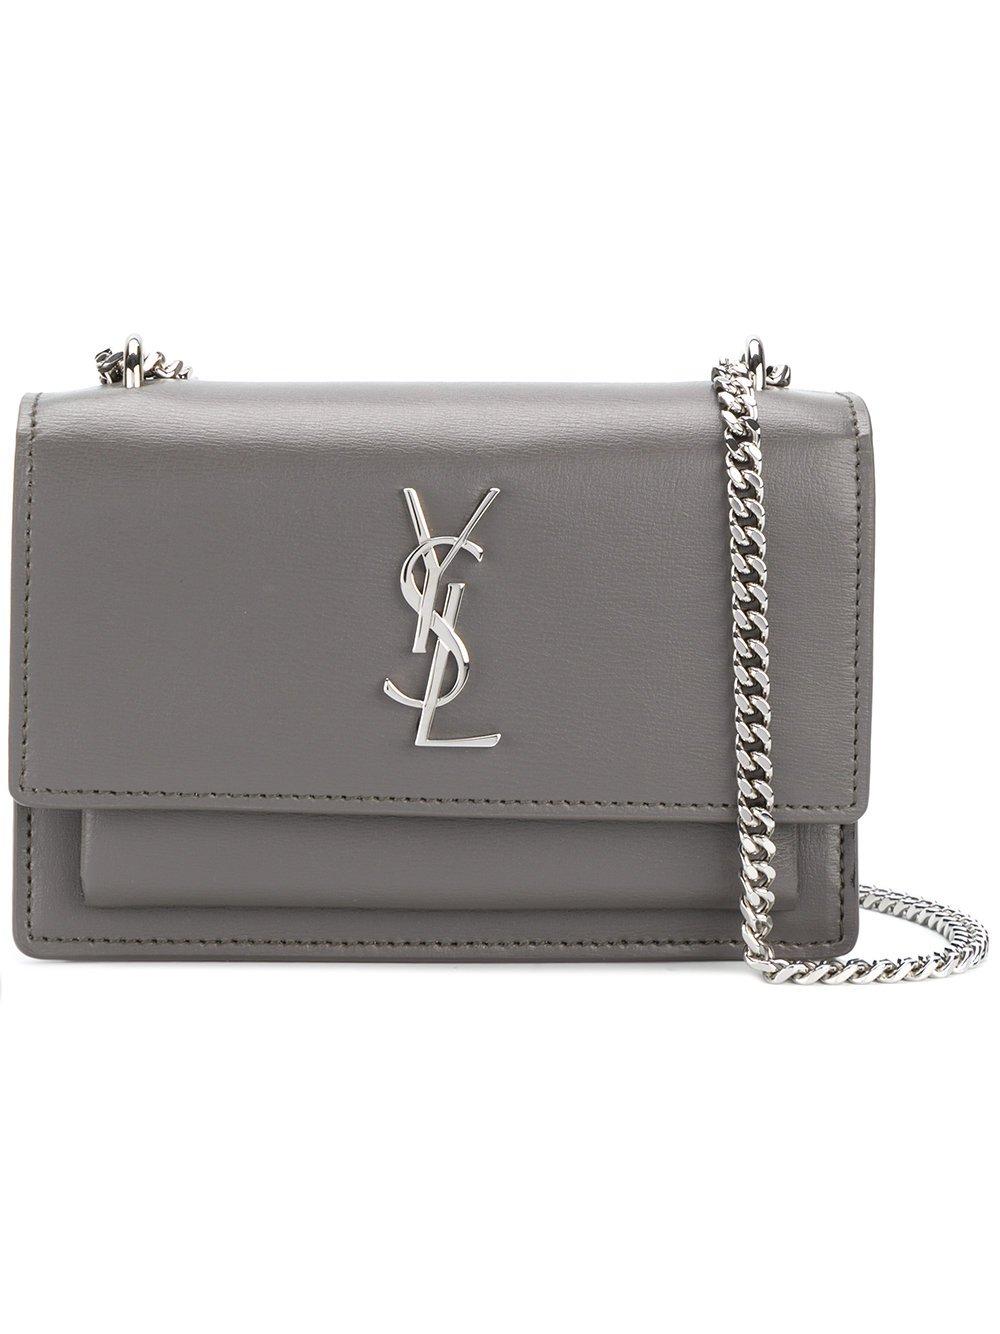 7a557a489e Amazon.com: Saint Laurent Women's 452157D422n2034 Grey Leather Shoulder Bag:  Clothing